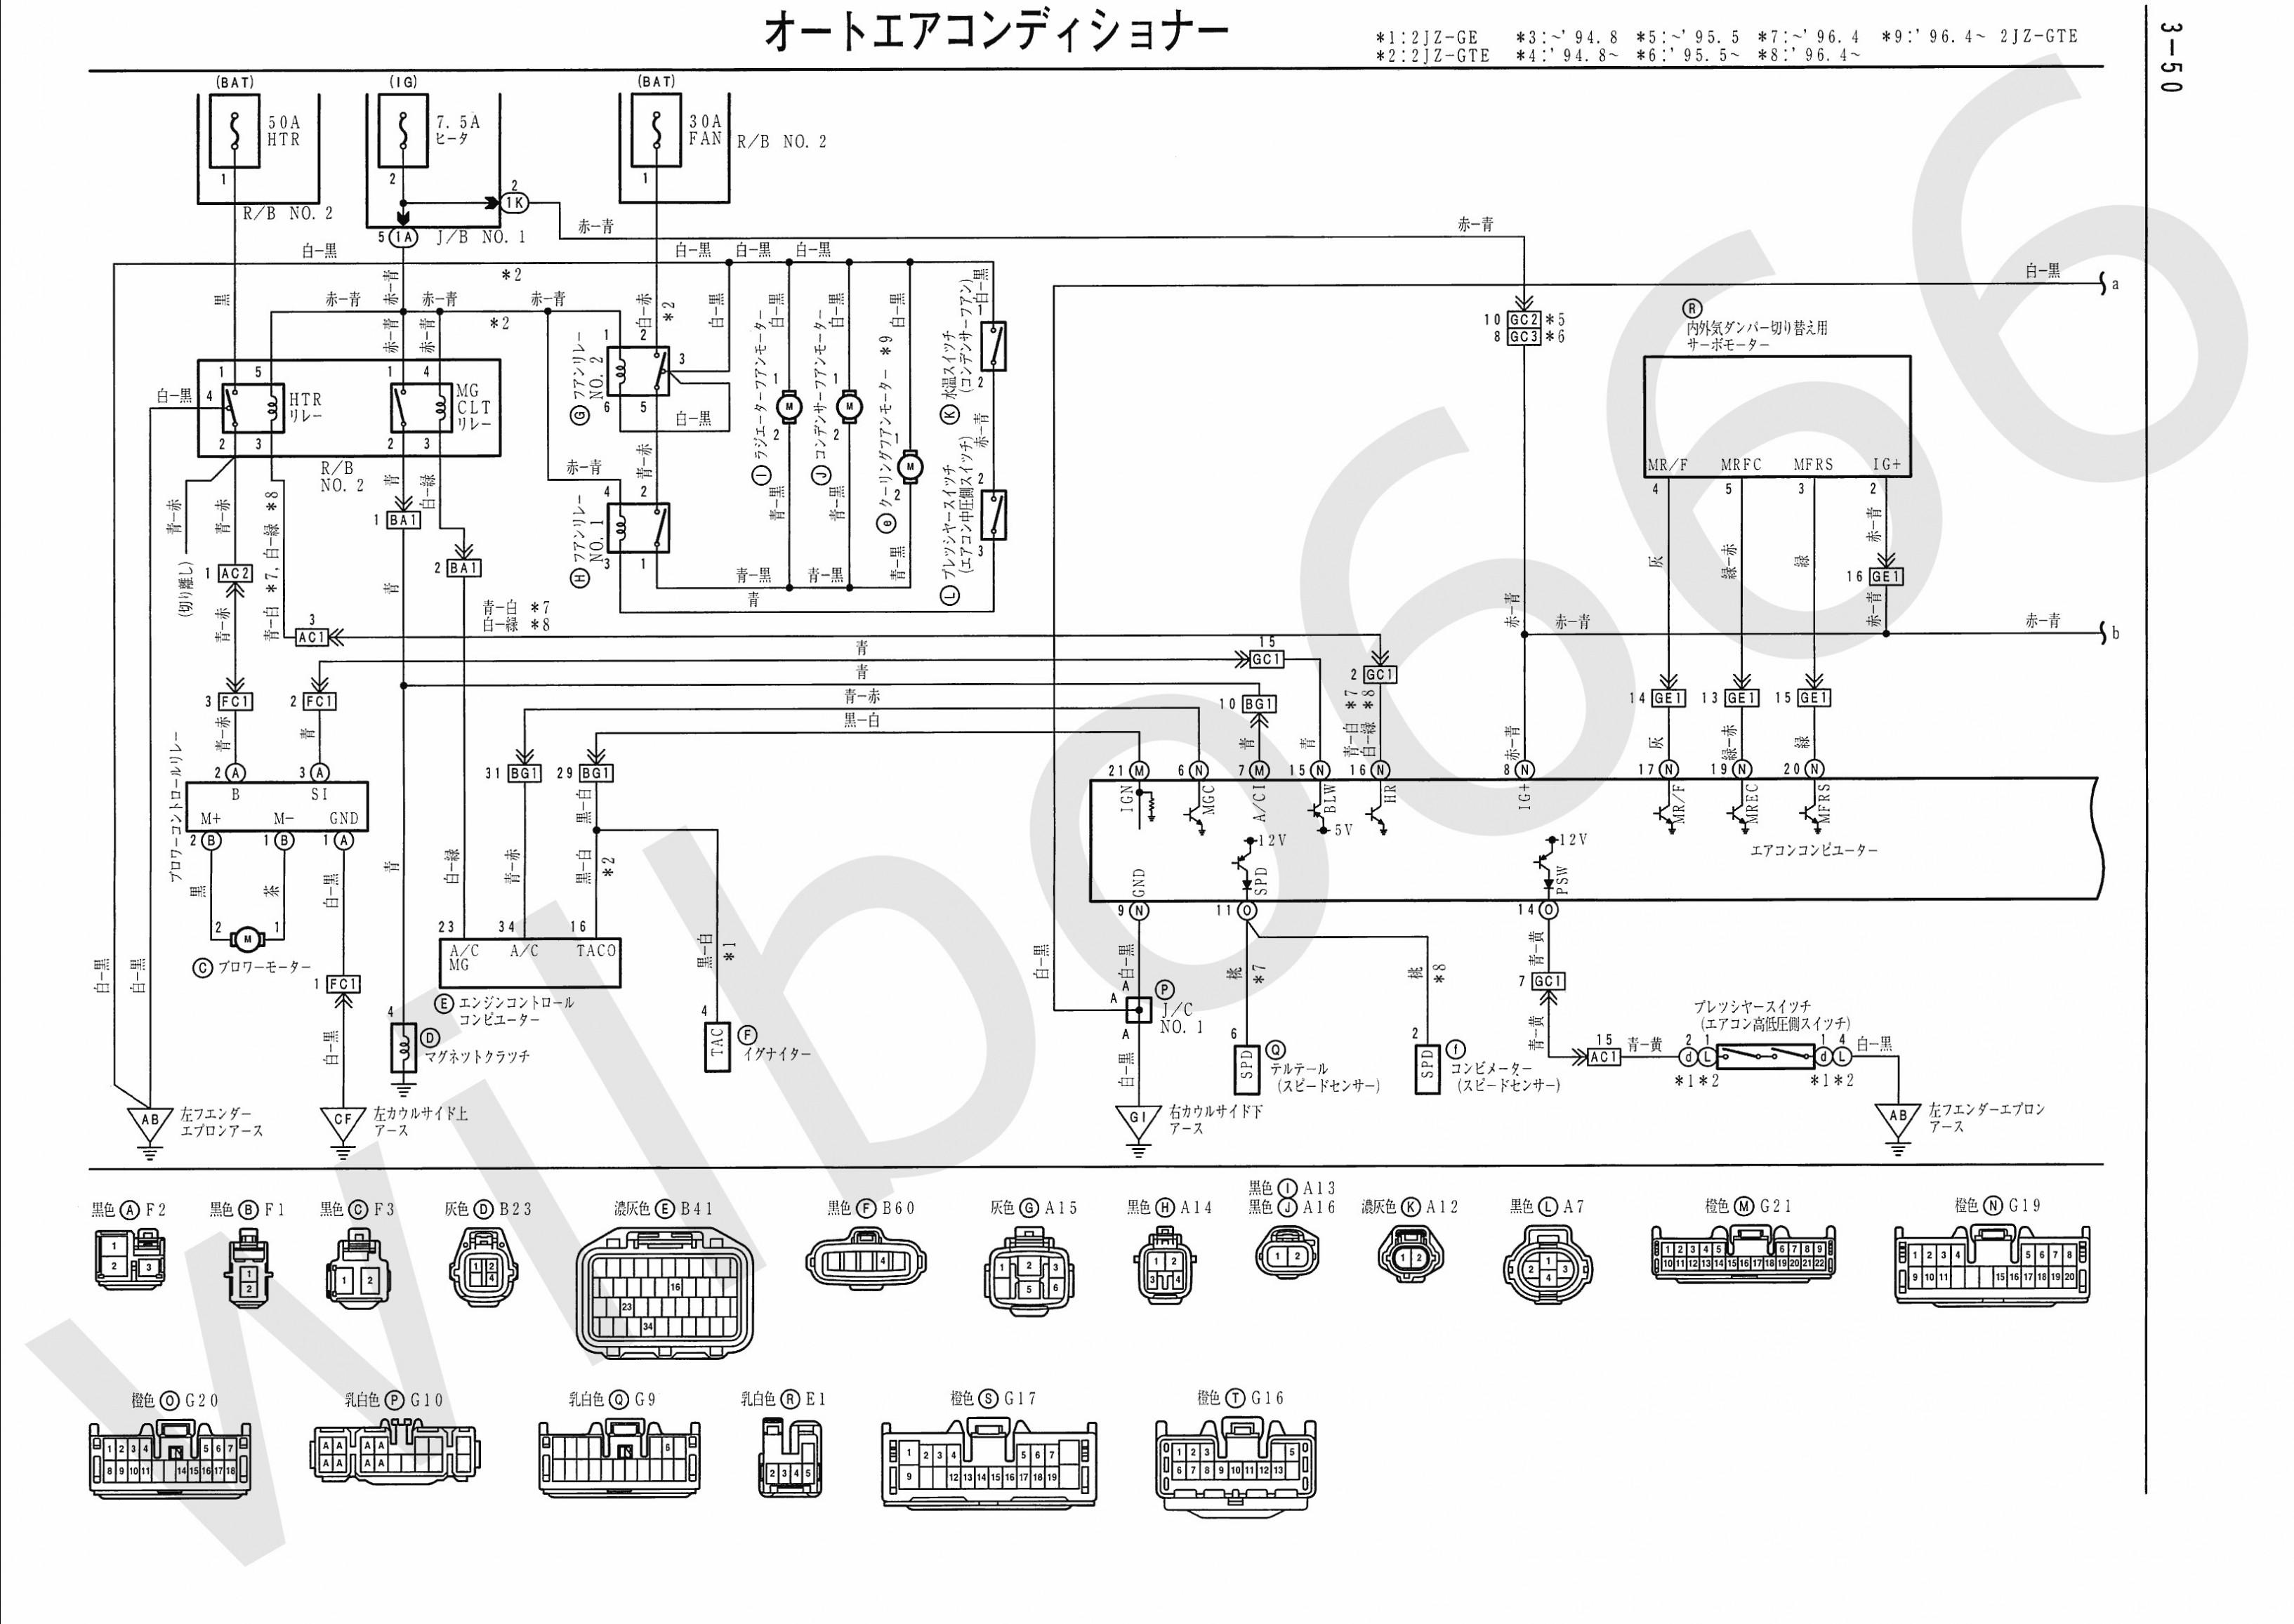 98 Camry Engine Diagram 1998 Civic Engine Diagram Layout Wiring Diagrams • Of 98 Camry Engine Diagram